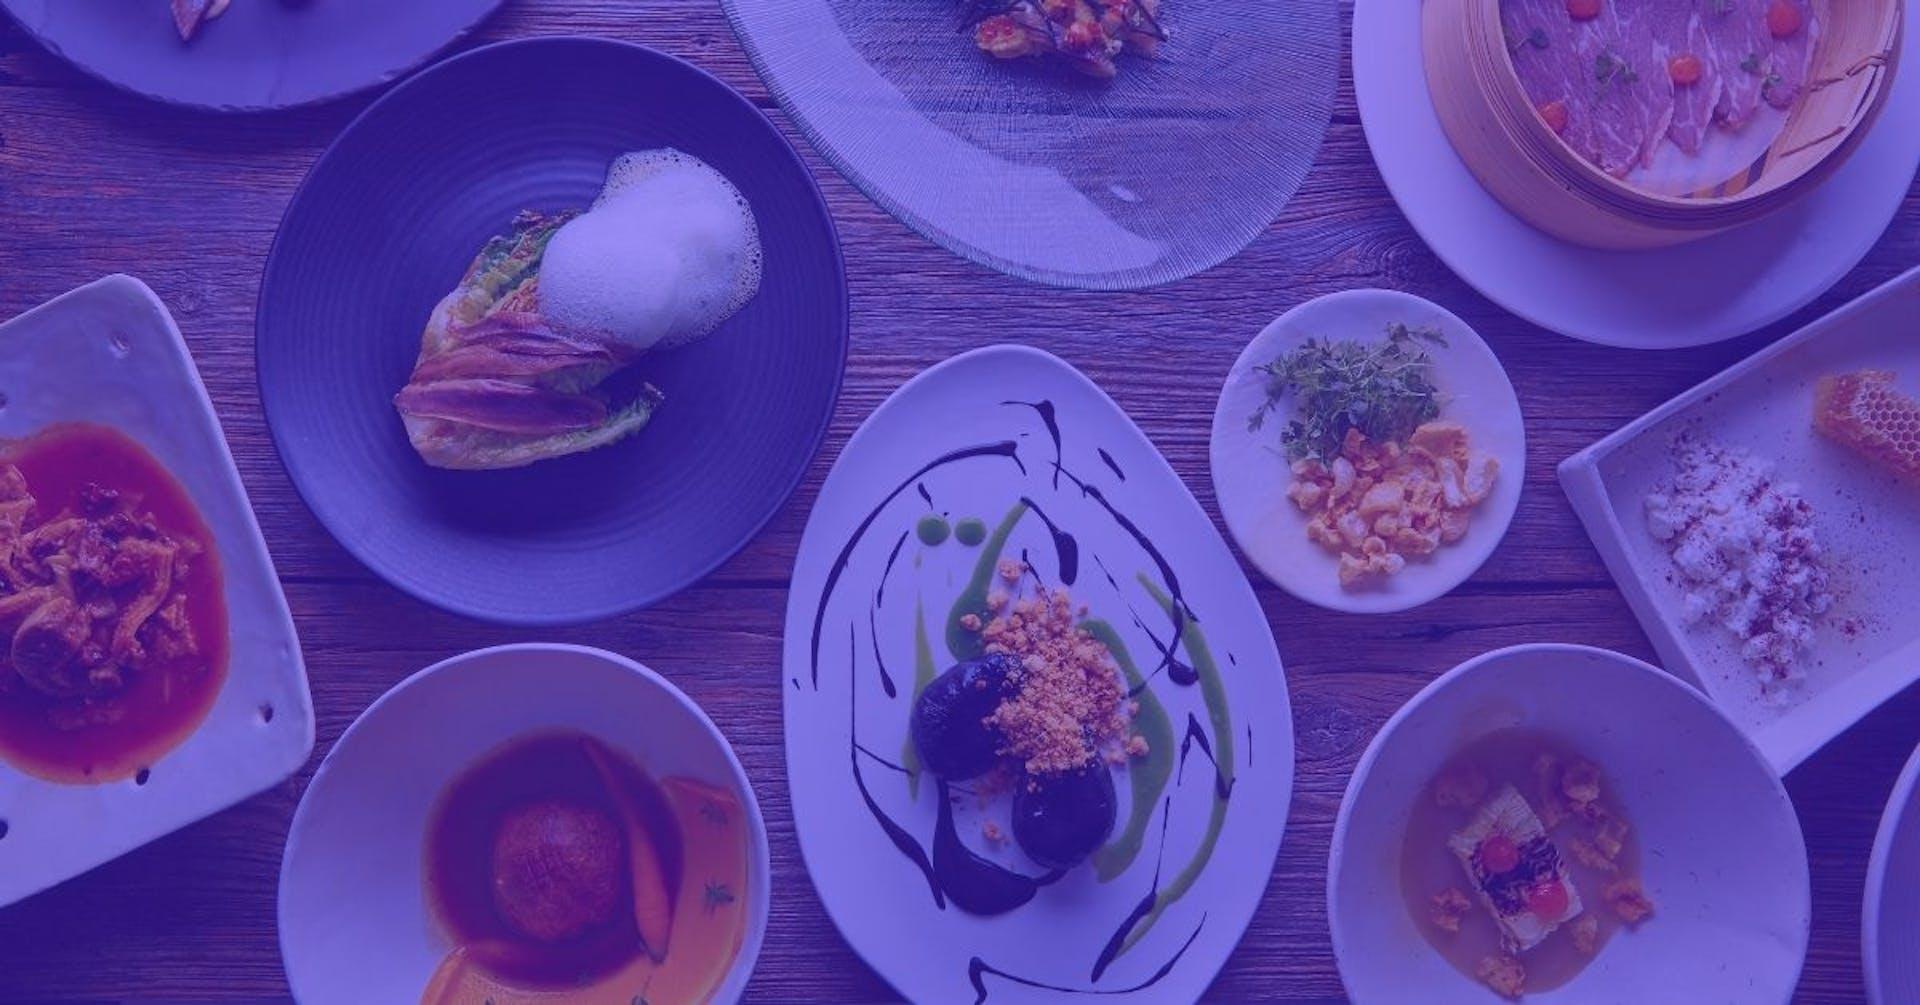 Descubre qué es la gastronomía molecular y aprende a preparar las recetas más innovadoras